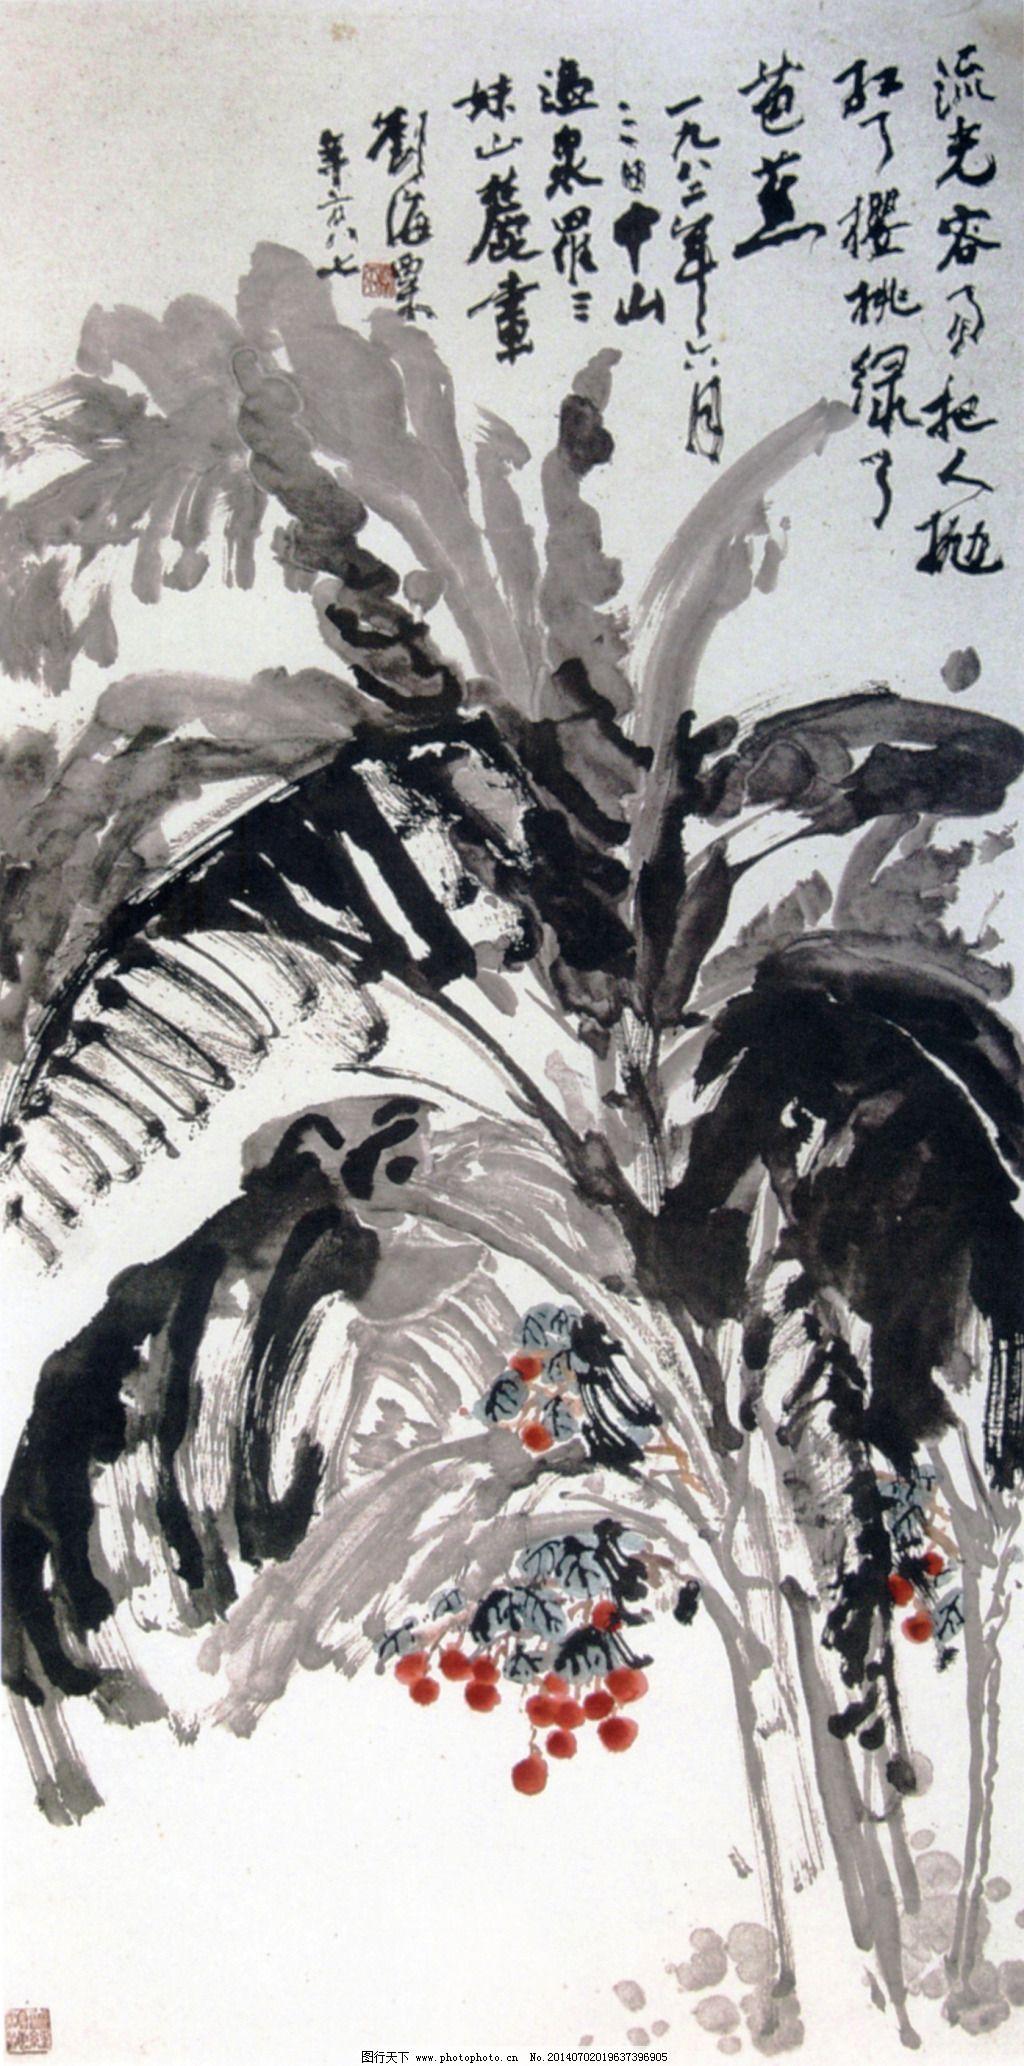 樱桃芭蕉图 樱桃芭蕉图免费下载 国画 刘海栗 图片素材 文化艺术